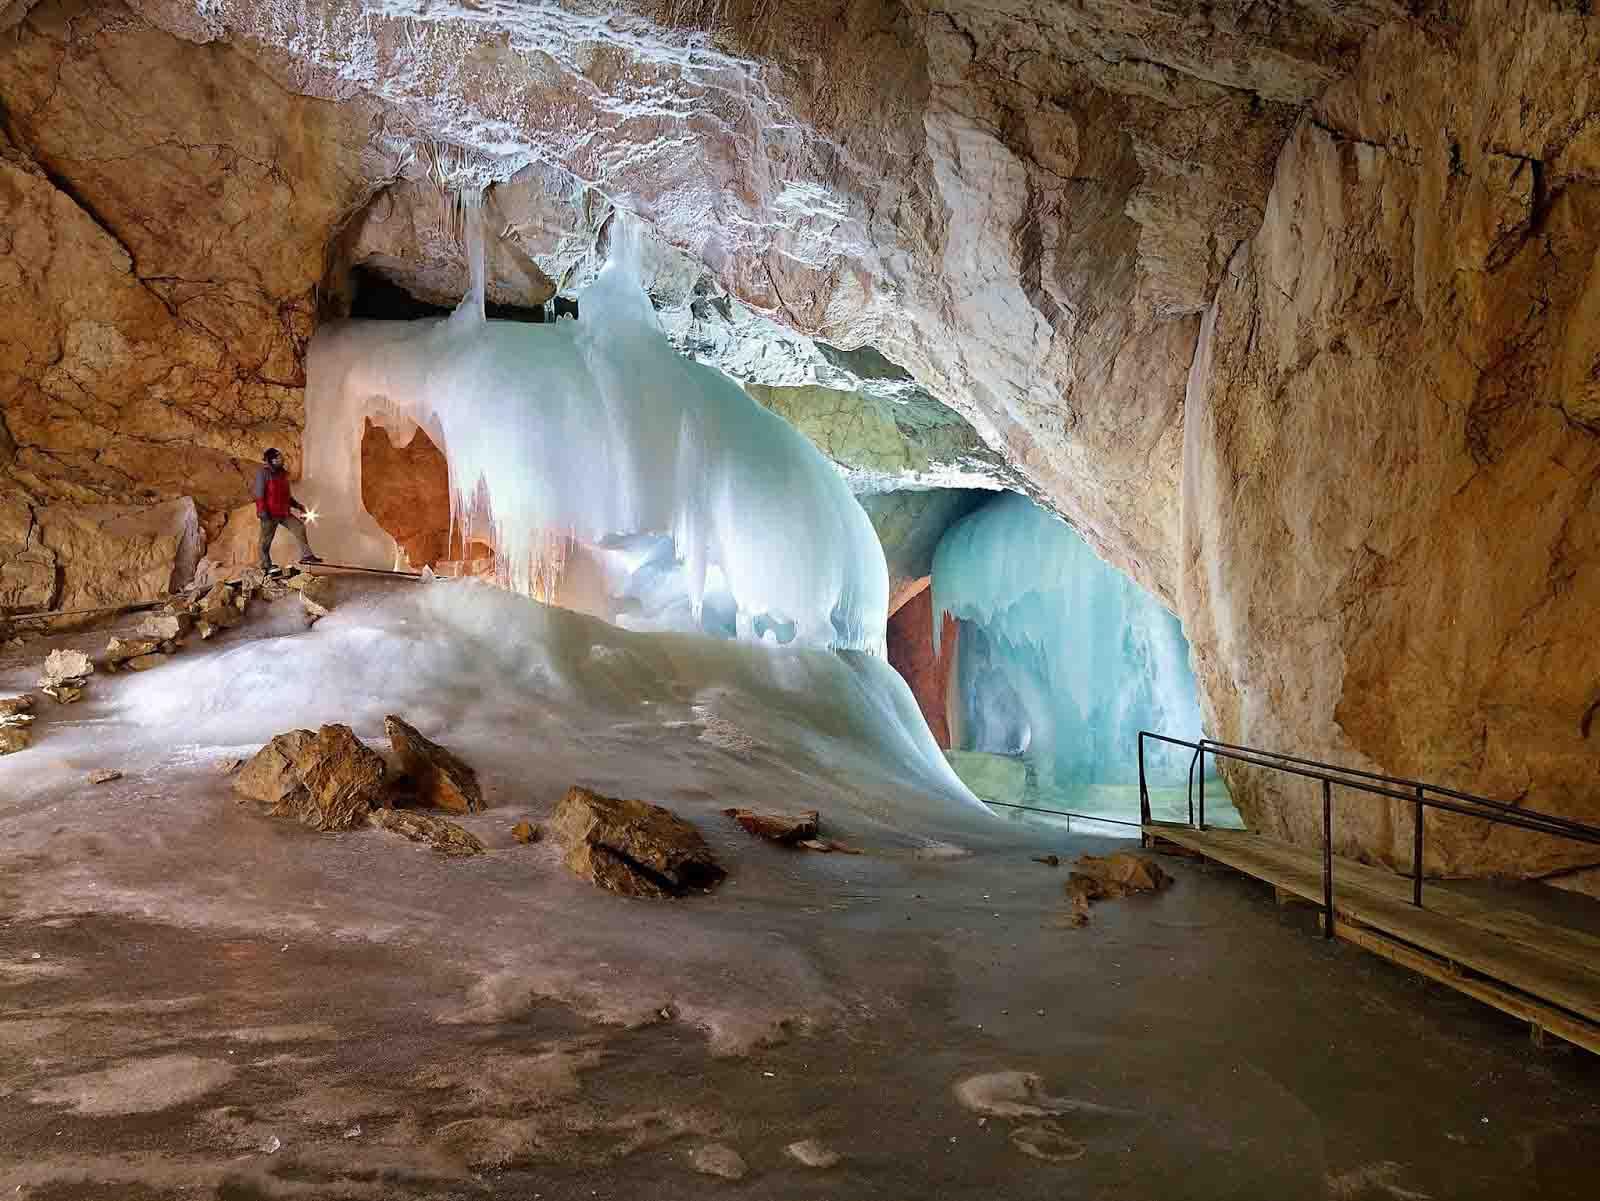 كهوف إيزرايسنفلت من اهم الاماكن السياحية في سالزبورغ